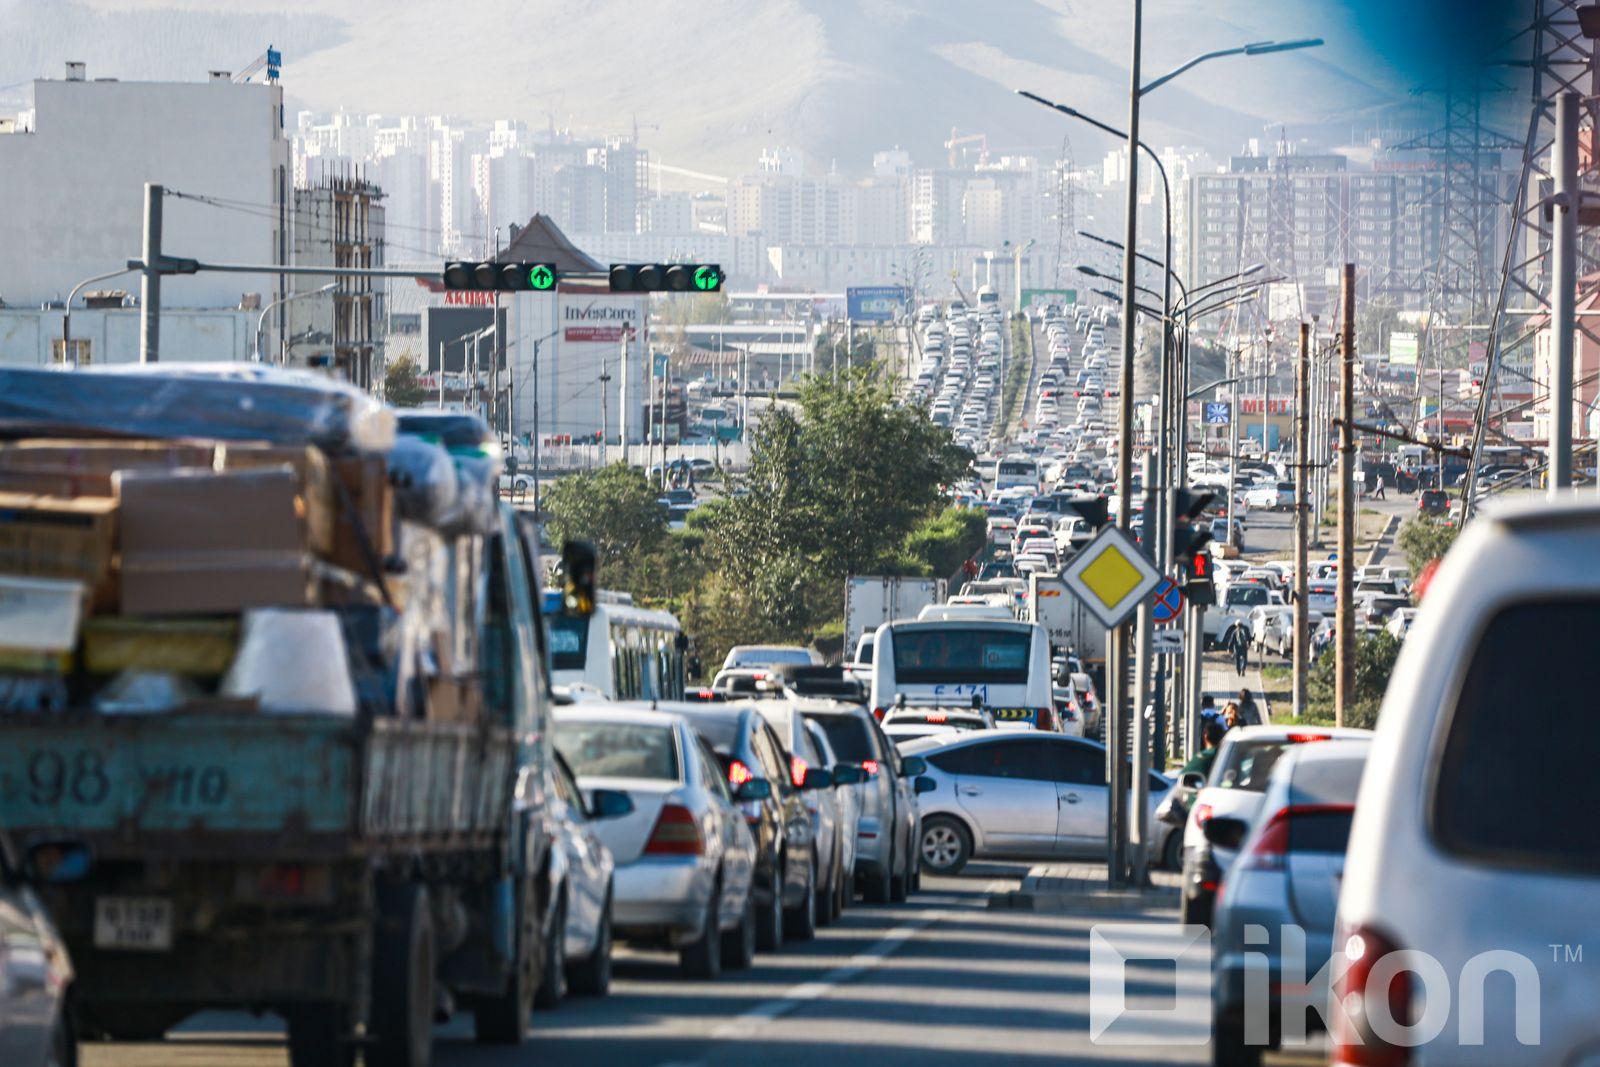 통계, 수도에 등록된 60만 2천대의 차량 중 21.4%가 토요타 프리우스.jpg